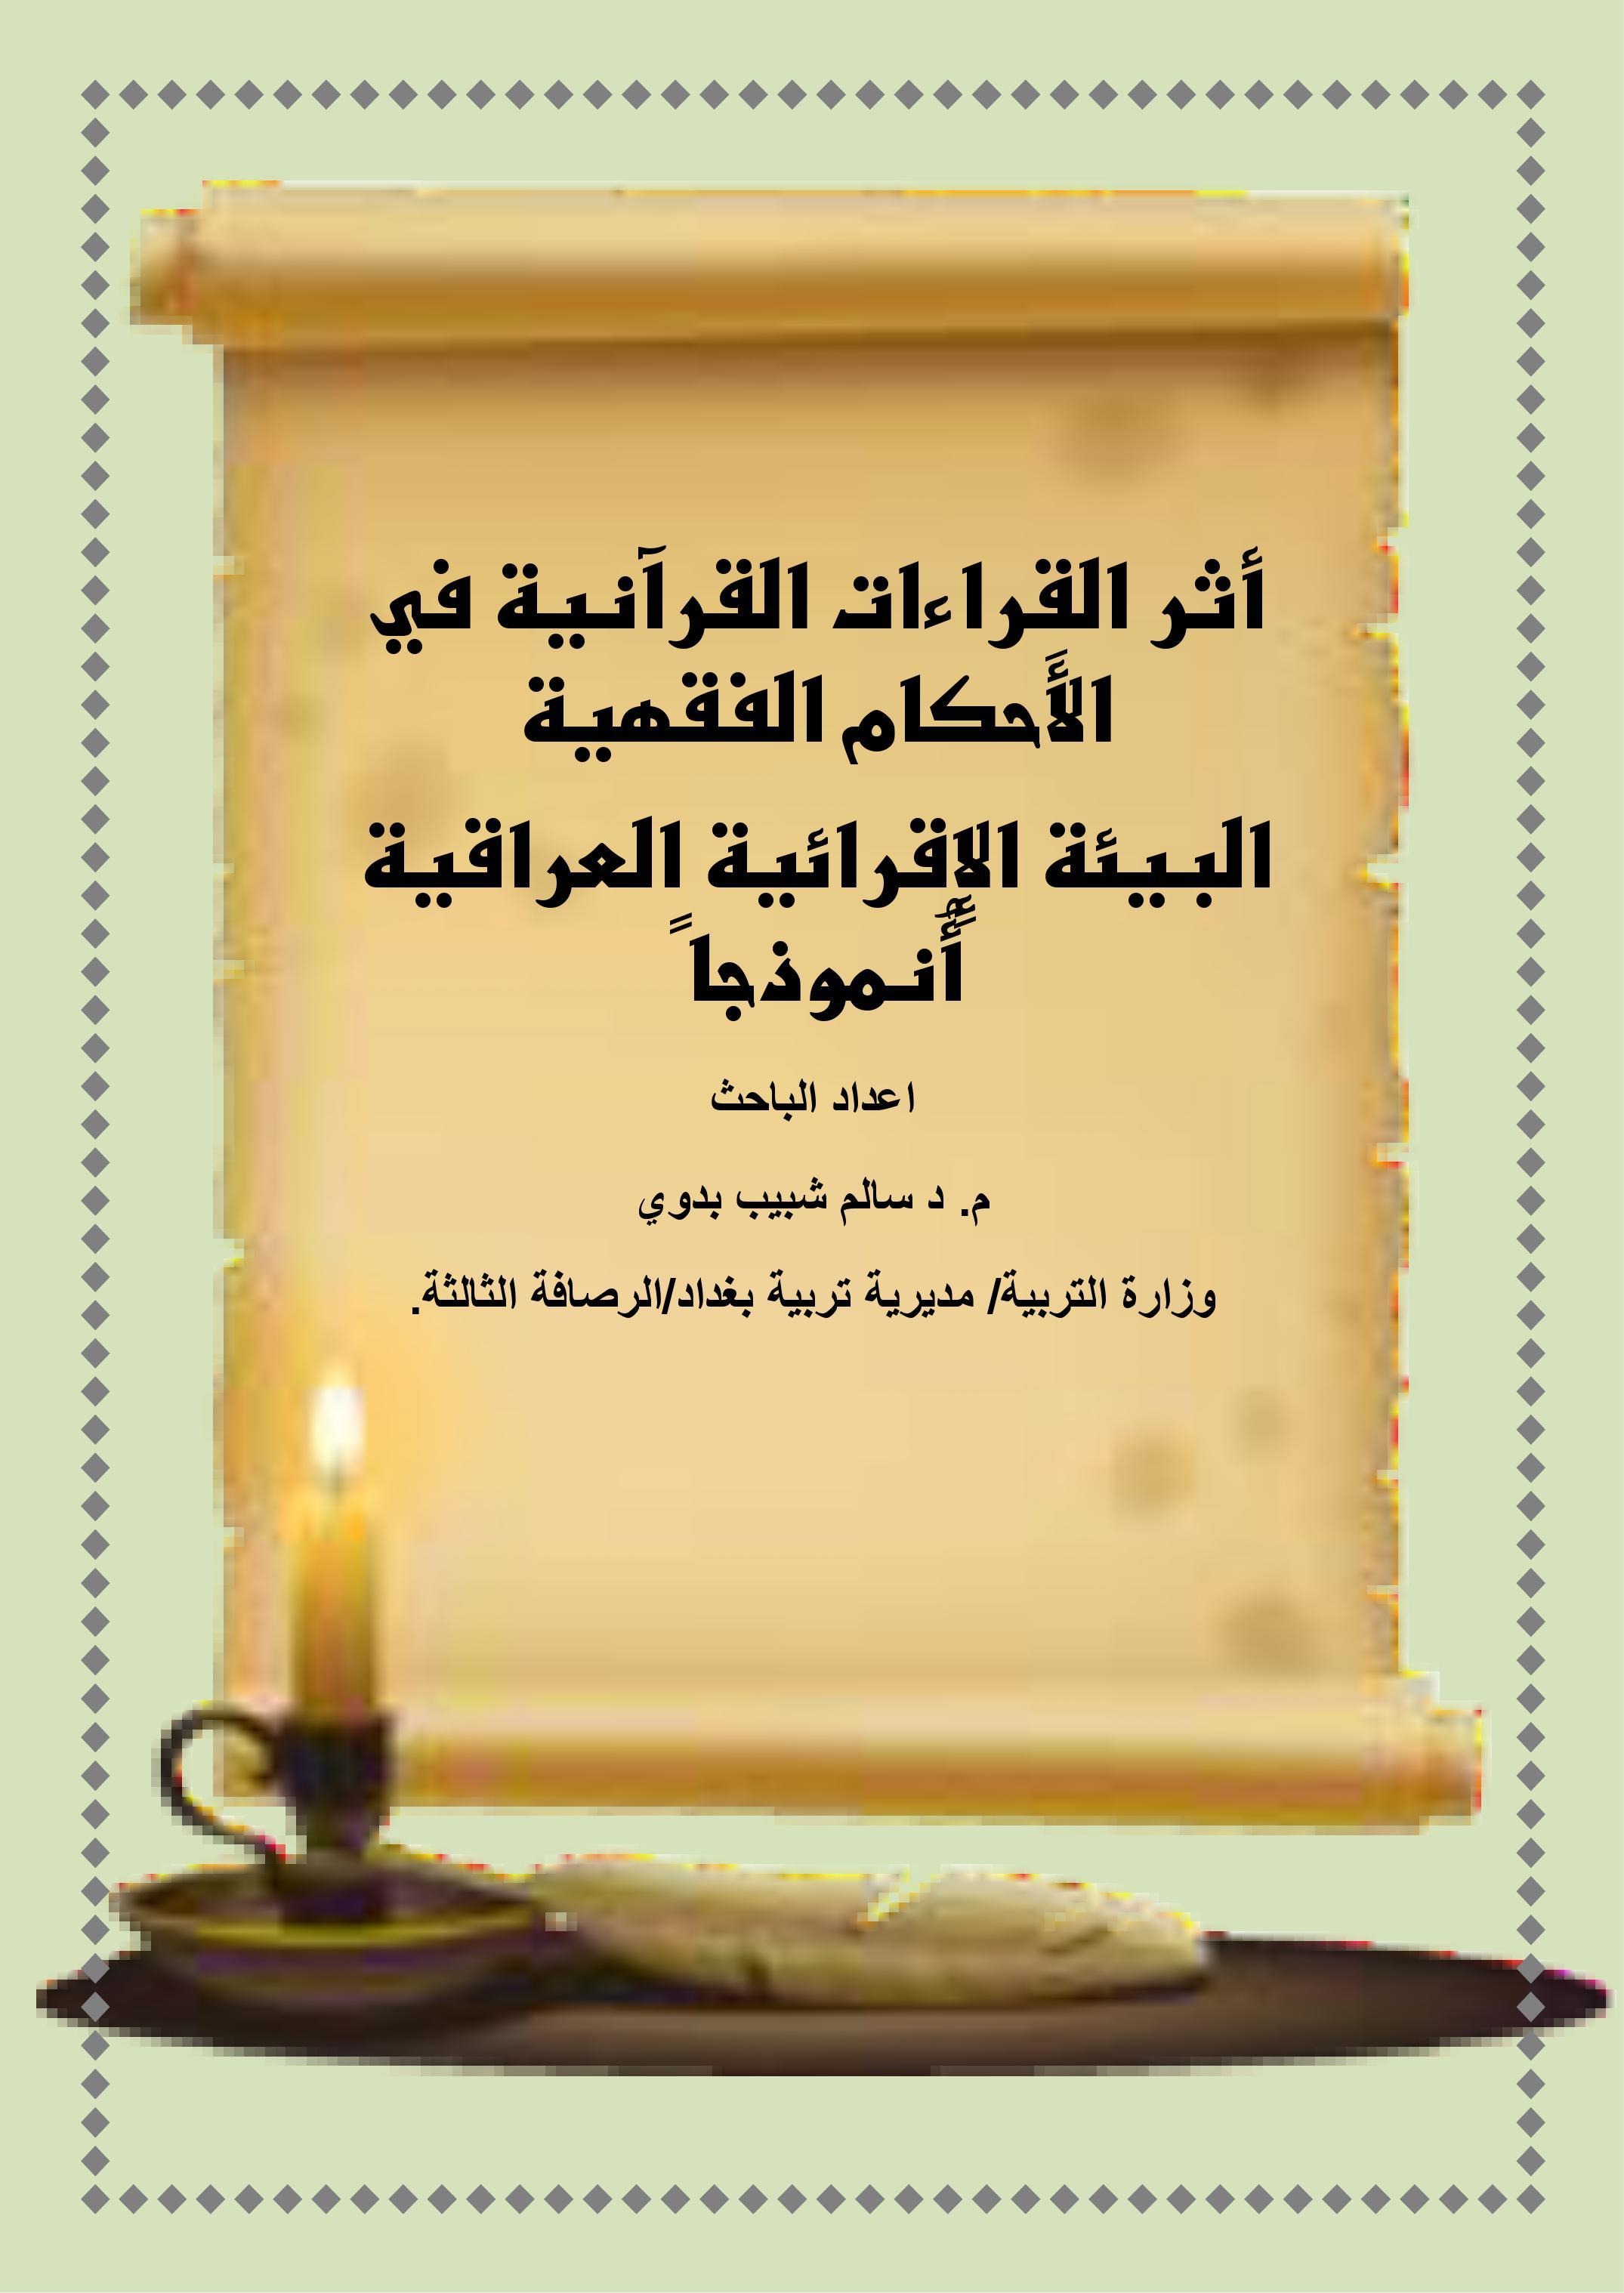 أثر القراءات القرآنية في الأَحكام الفقهية البيئة الإِقرائية العراقية أُنموذجا ً